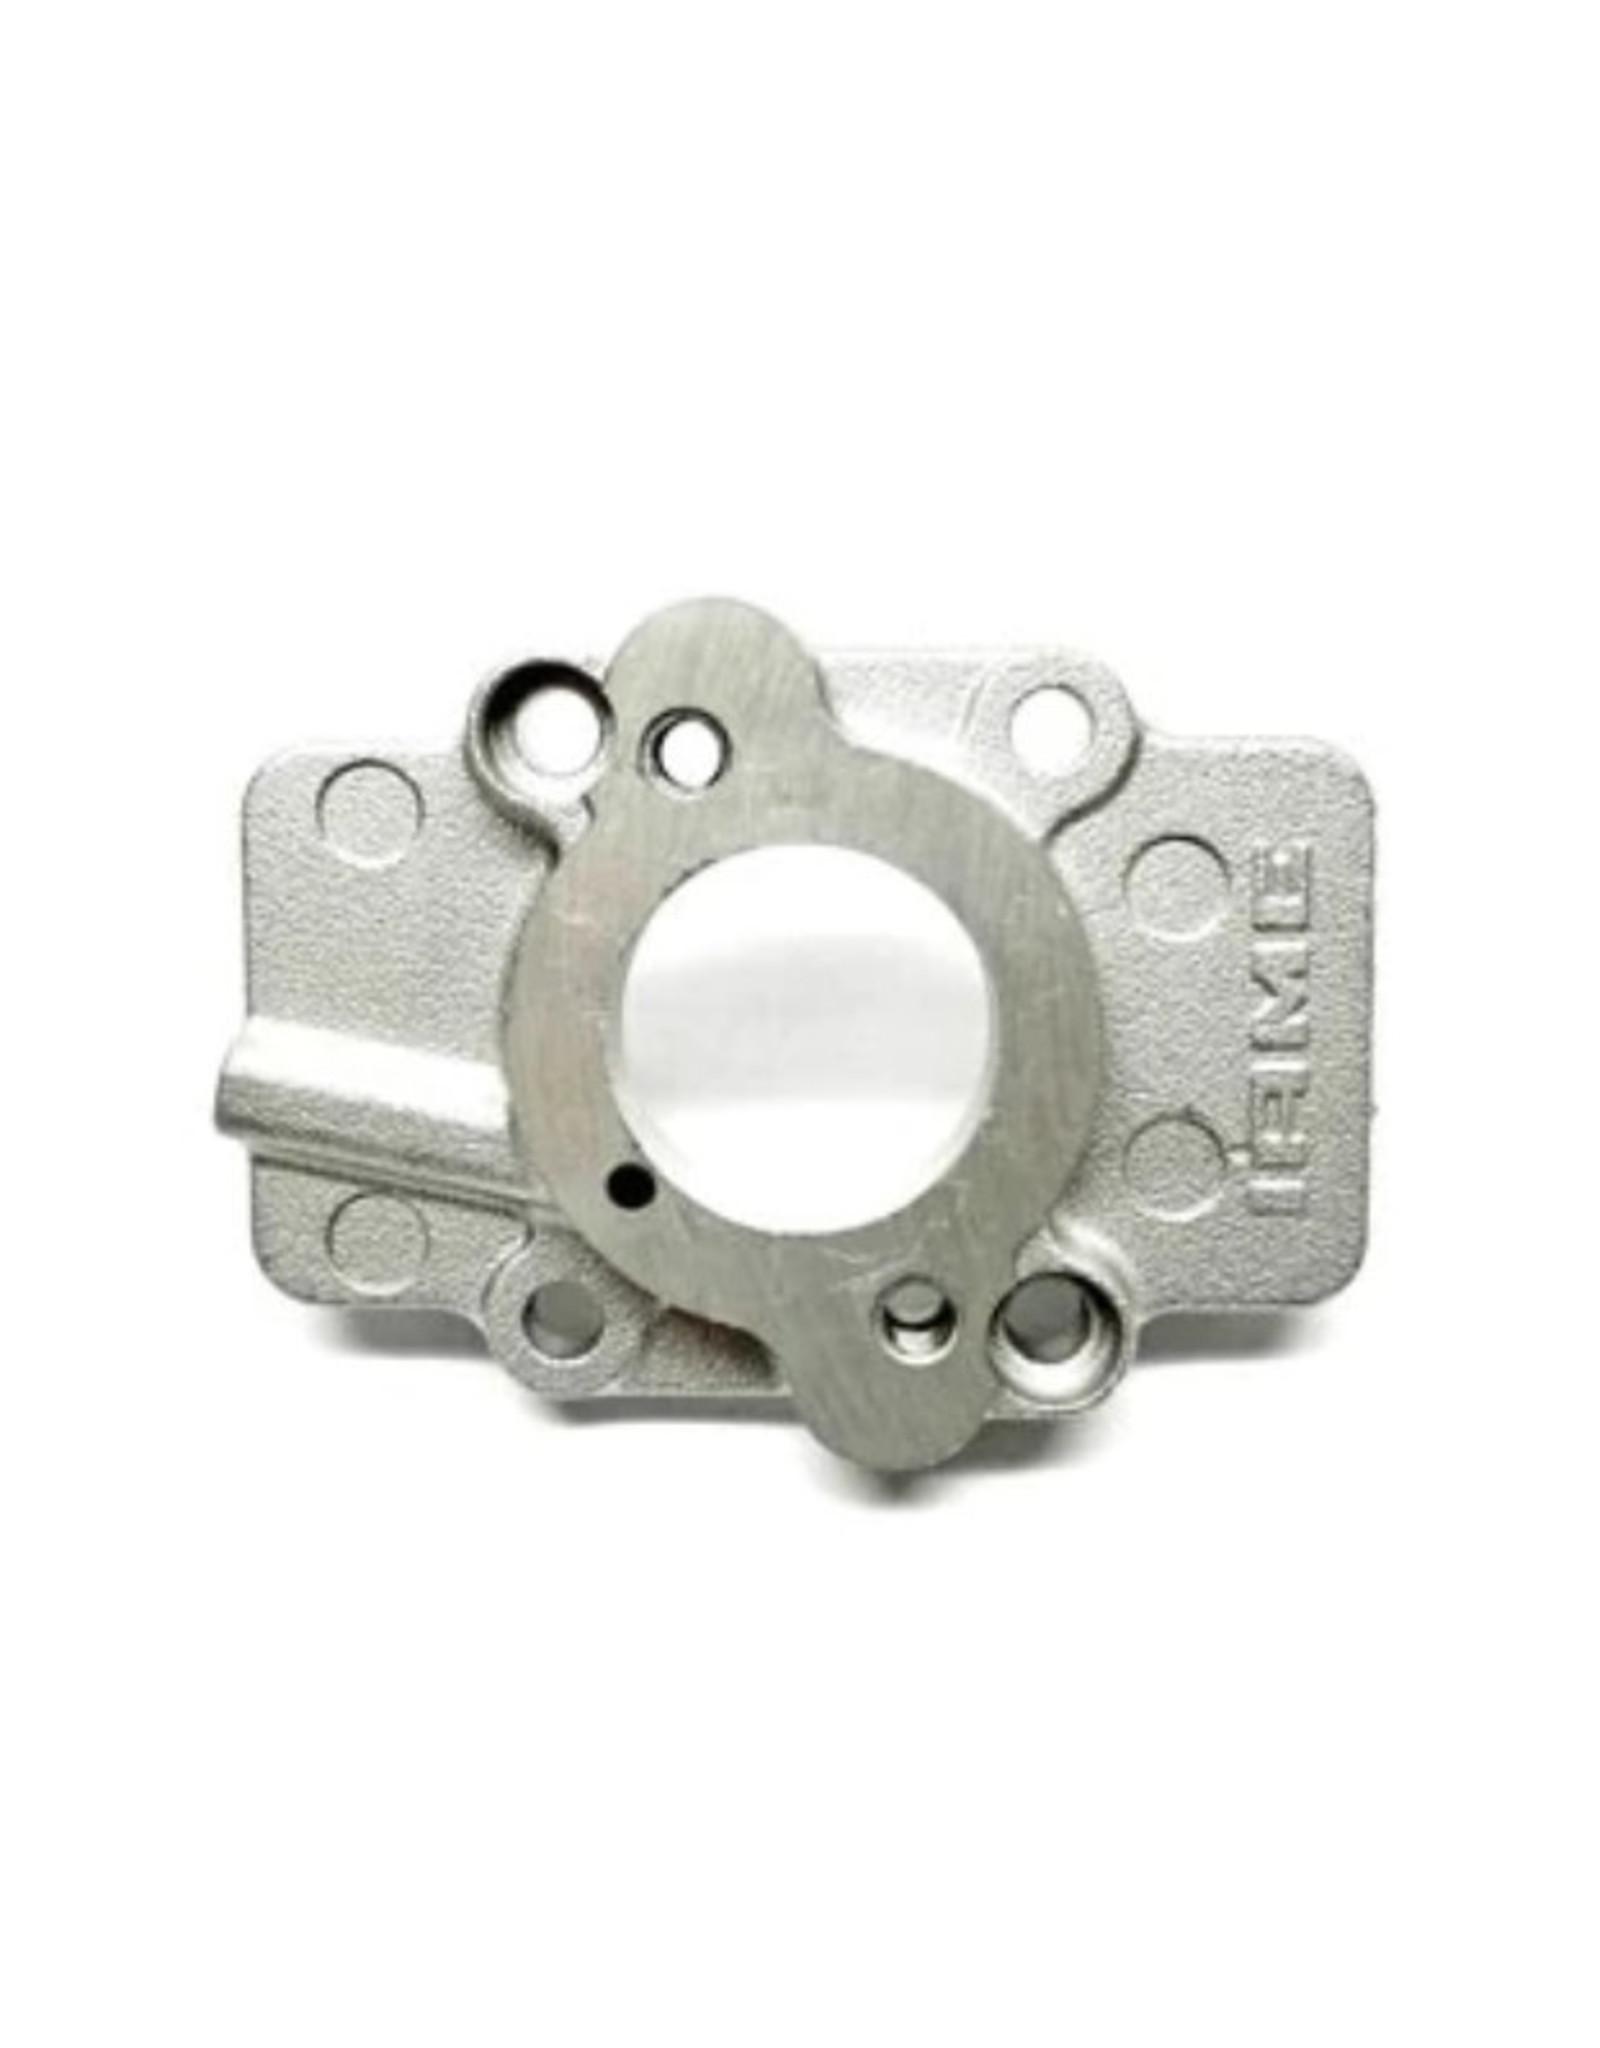 Iame Iame X30 inlaat aluminium 29MM (Tillotson)